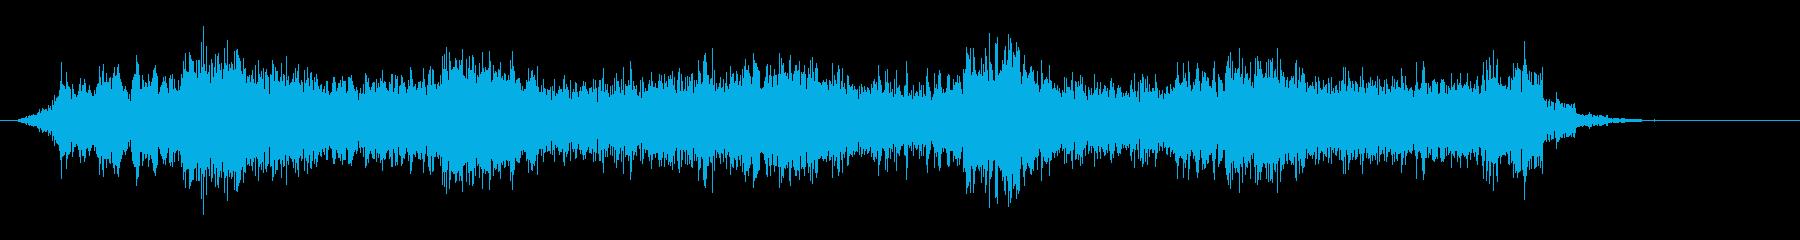 4 不吉、禍禍しい、忌まわしい、系の音の再生済みの波形